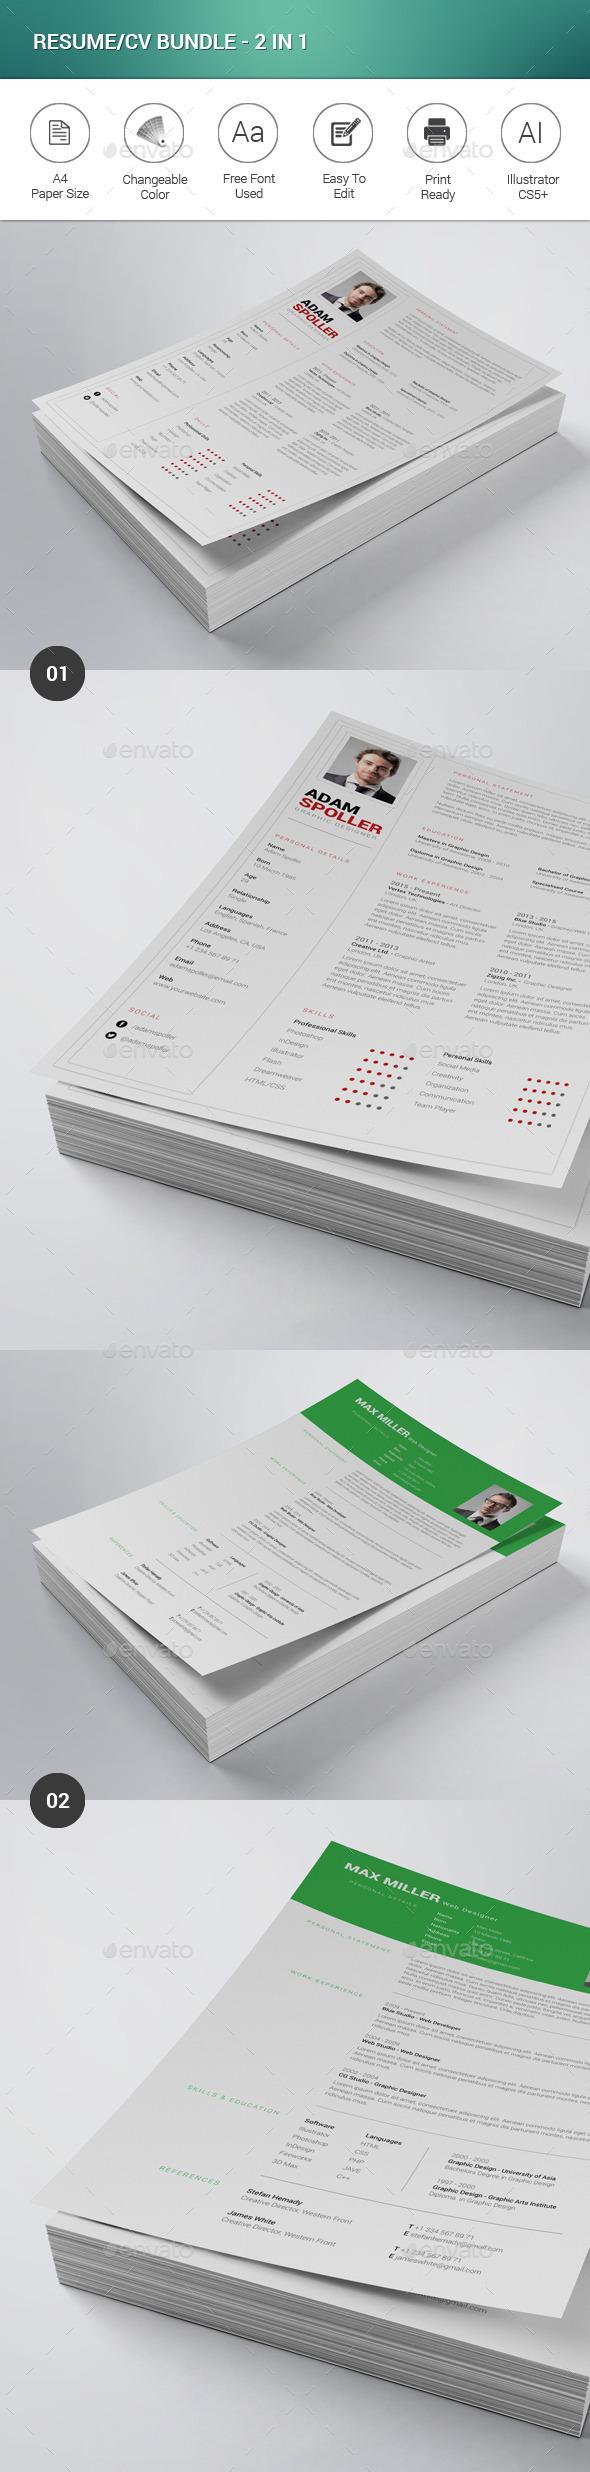 Resume/CV Bundle - 2 in 1